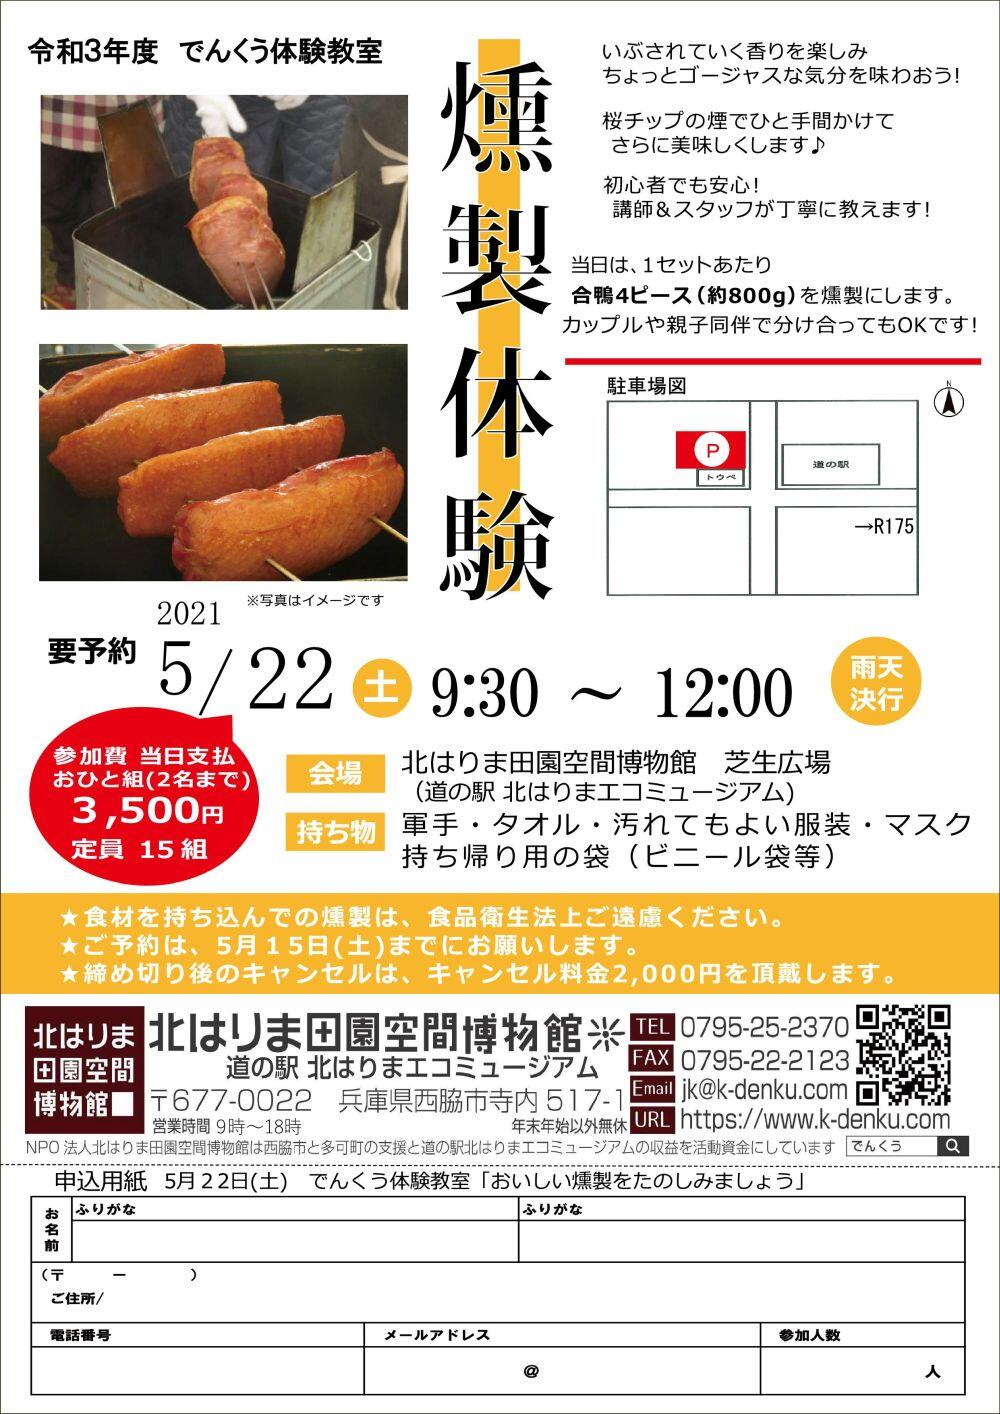 5/22 体験教室「燻製体験合鴨」:でんくう芝生広場